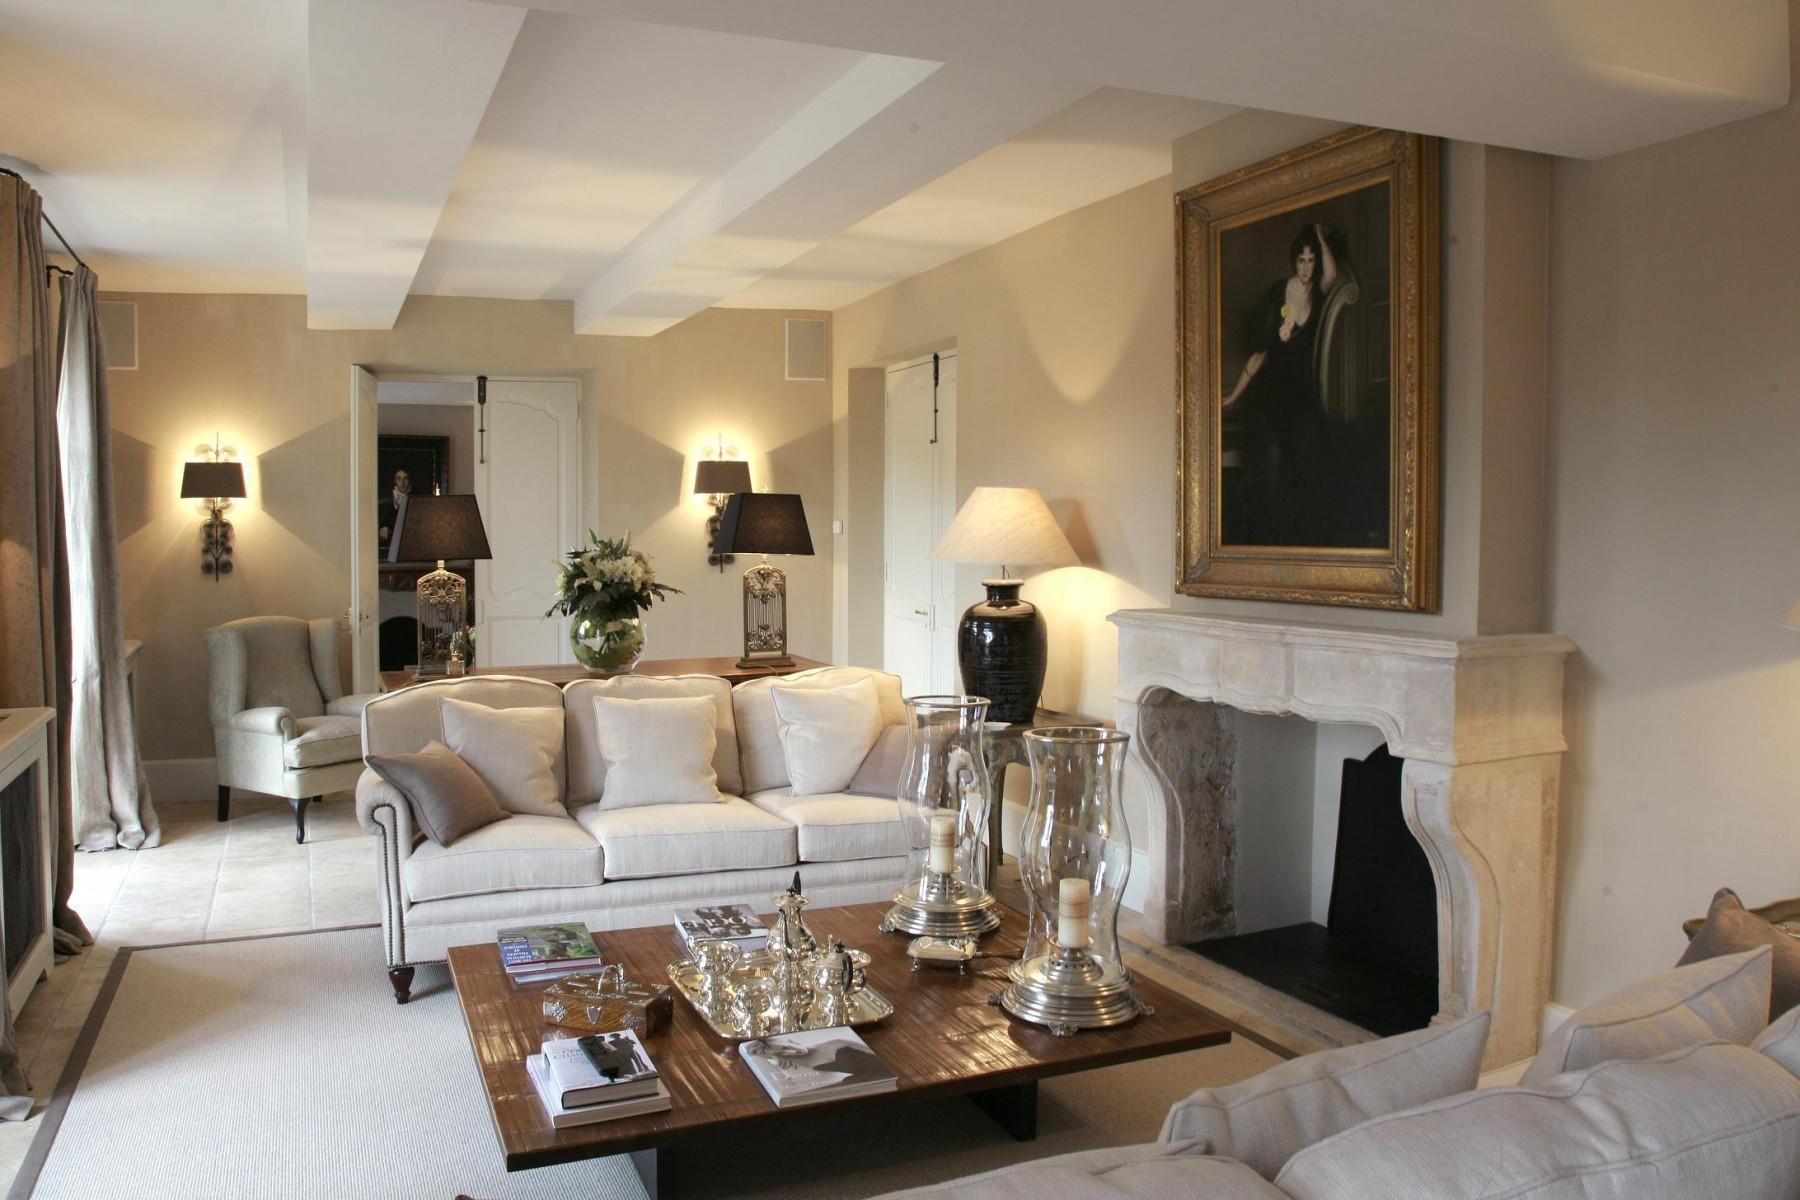 10 trucos para crear casas lujosas con poco dinero hoy for Diseno y decoracion de casas